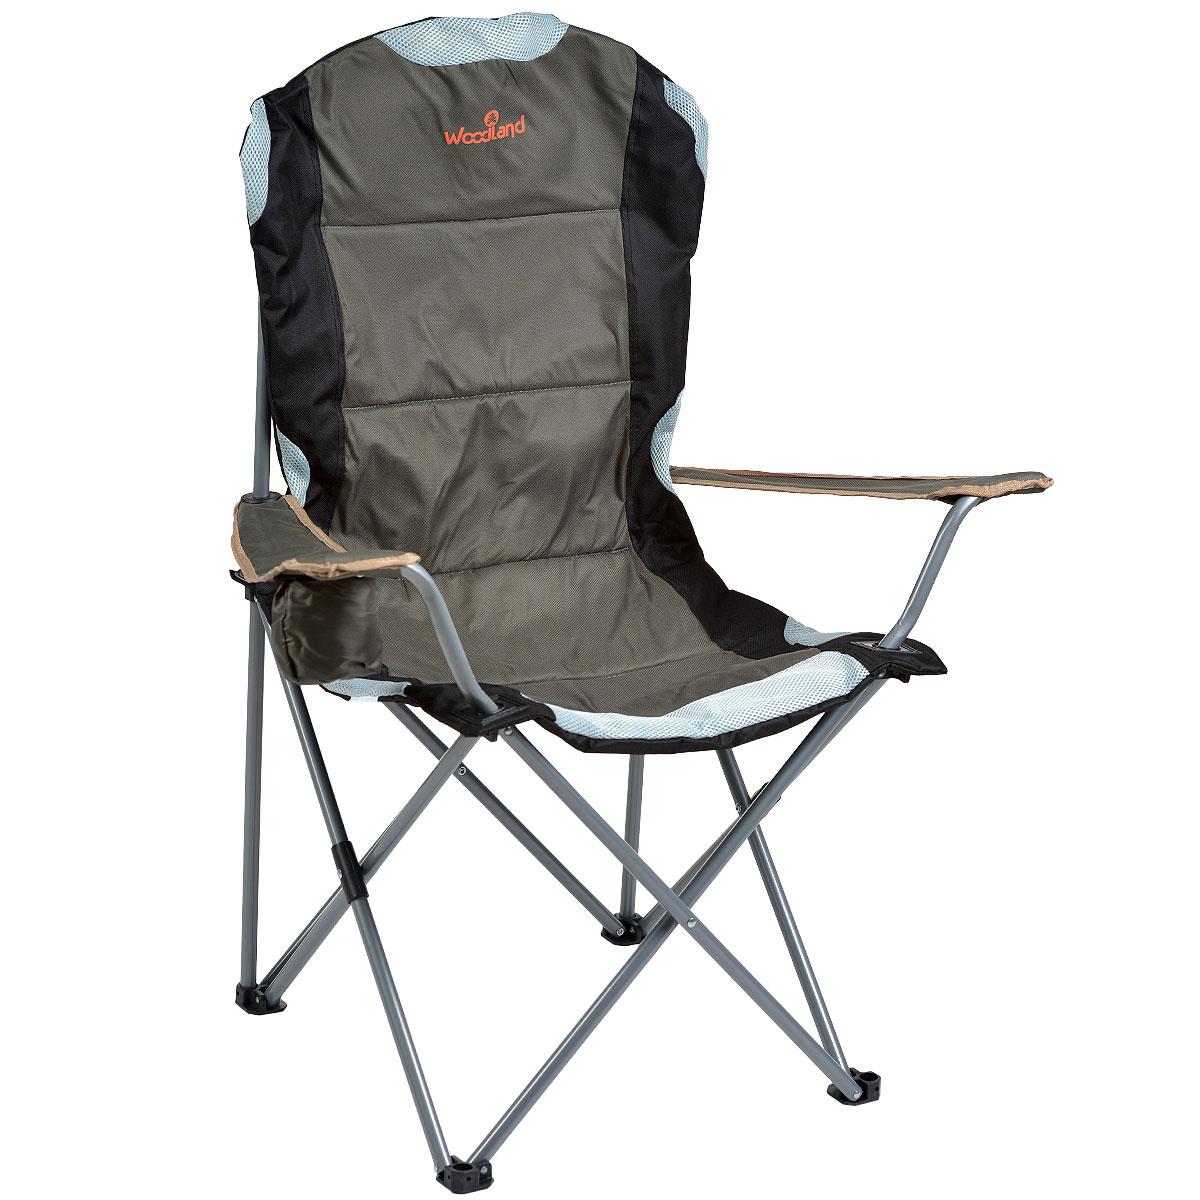 Кресло складное Woodland Deluxe, 63 см x 63 см x 110 см0036502Складное кресло Woodland Deluxe предназначено для создания комфортных условий в туристических походах, охоте, рыбалке и кемпинге.Особенности:Компактная складная конструкция.Прочный стальной каркас с покрытием, диаметр 18 мм.Удобные подлокотники с отделением для напитка.Водоотталкивающее ПВХ покрытие ткани Oxford 600D.В комплекте чехол для перевозки.